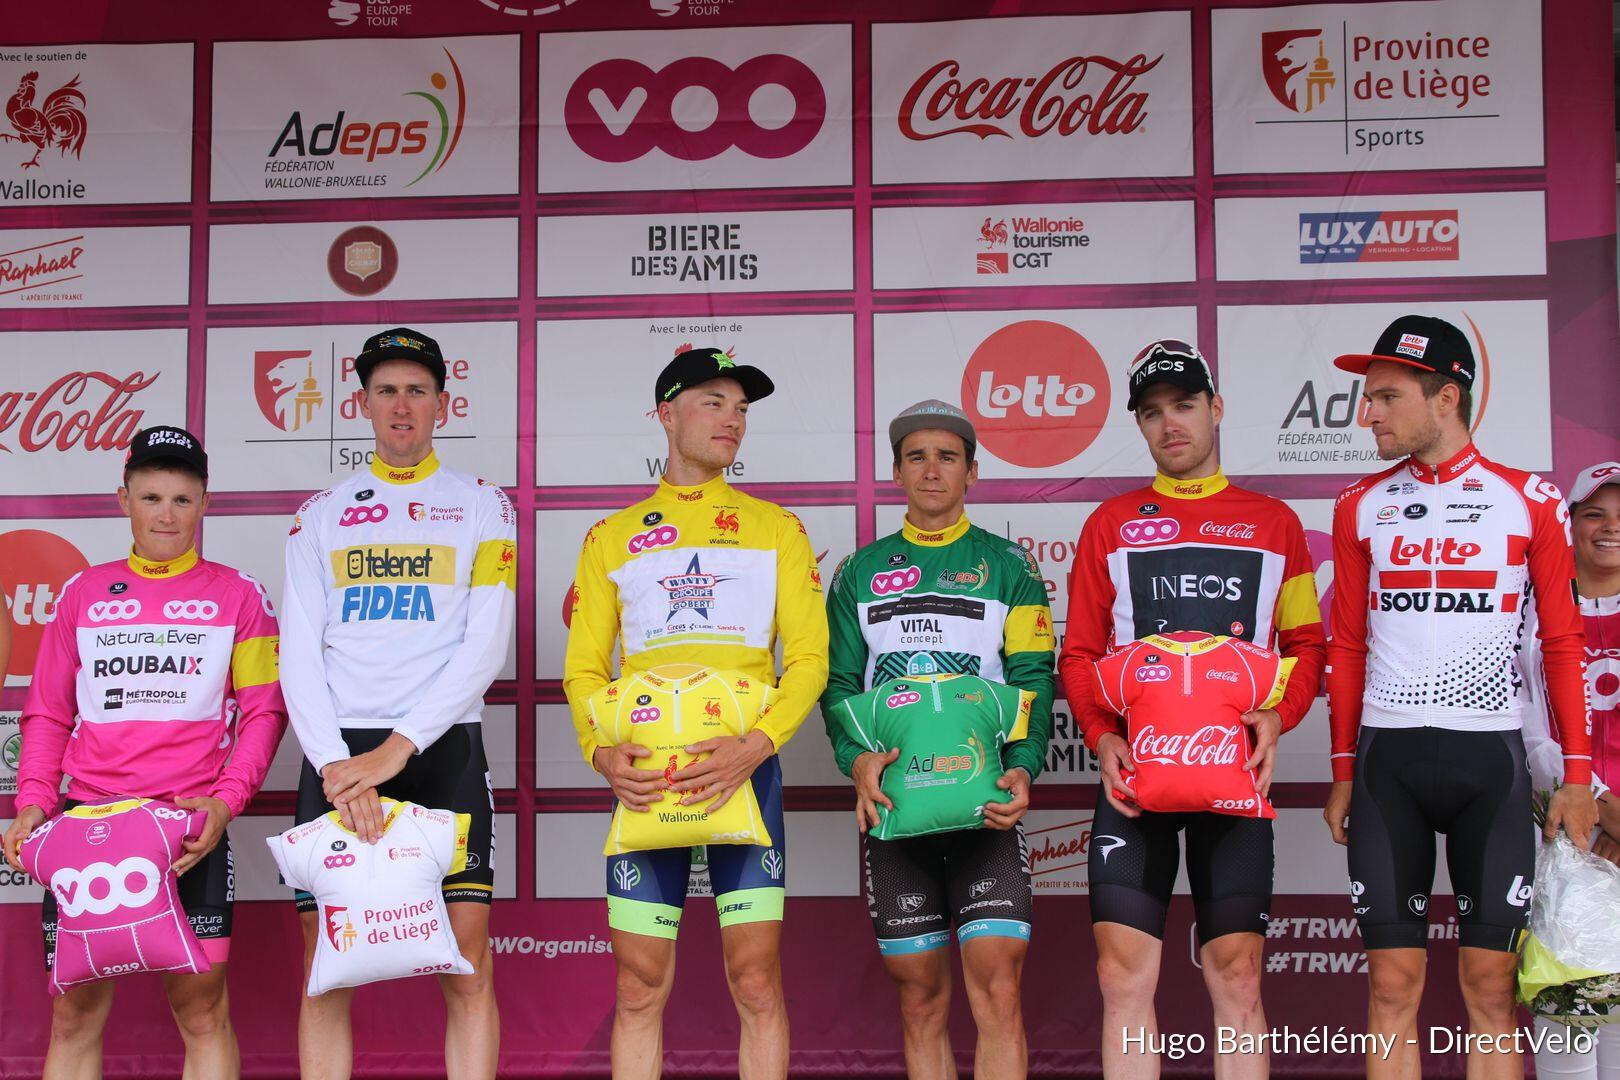 Le Tour de Wallonie n'abandonne pas - Actualité - DirectVelo